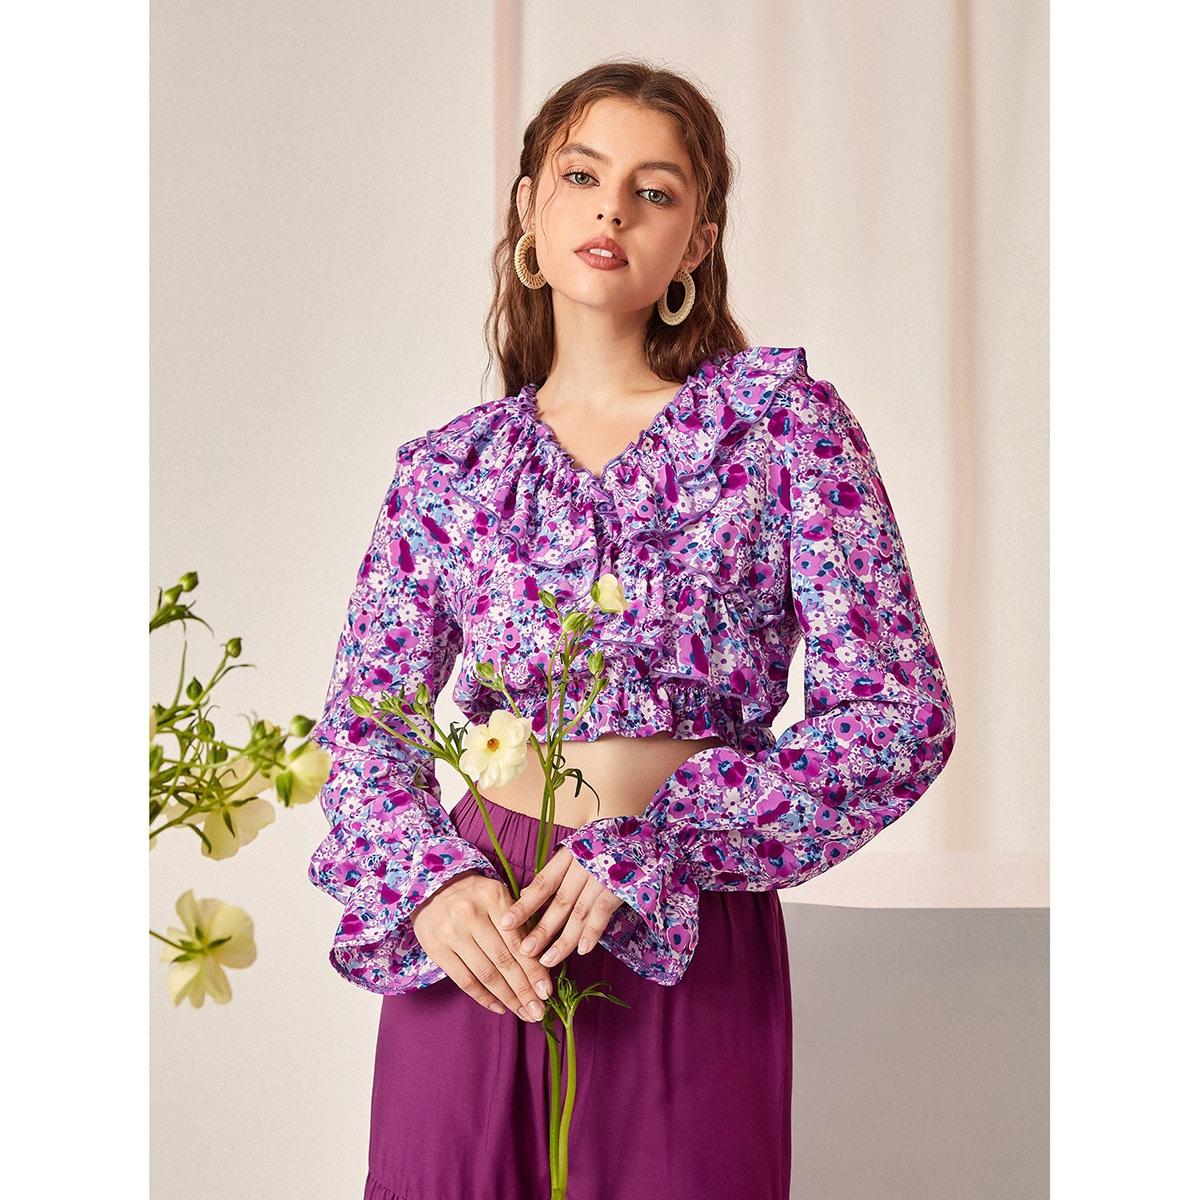 Блуза с v-образным вырезом с рукавами-воланами цветочным рисунком SheIn swblouse03210324856